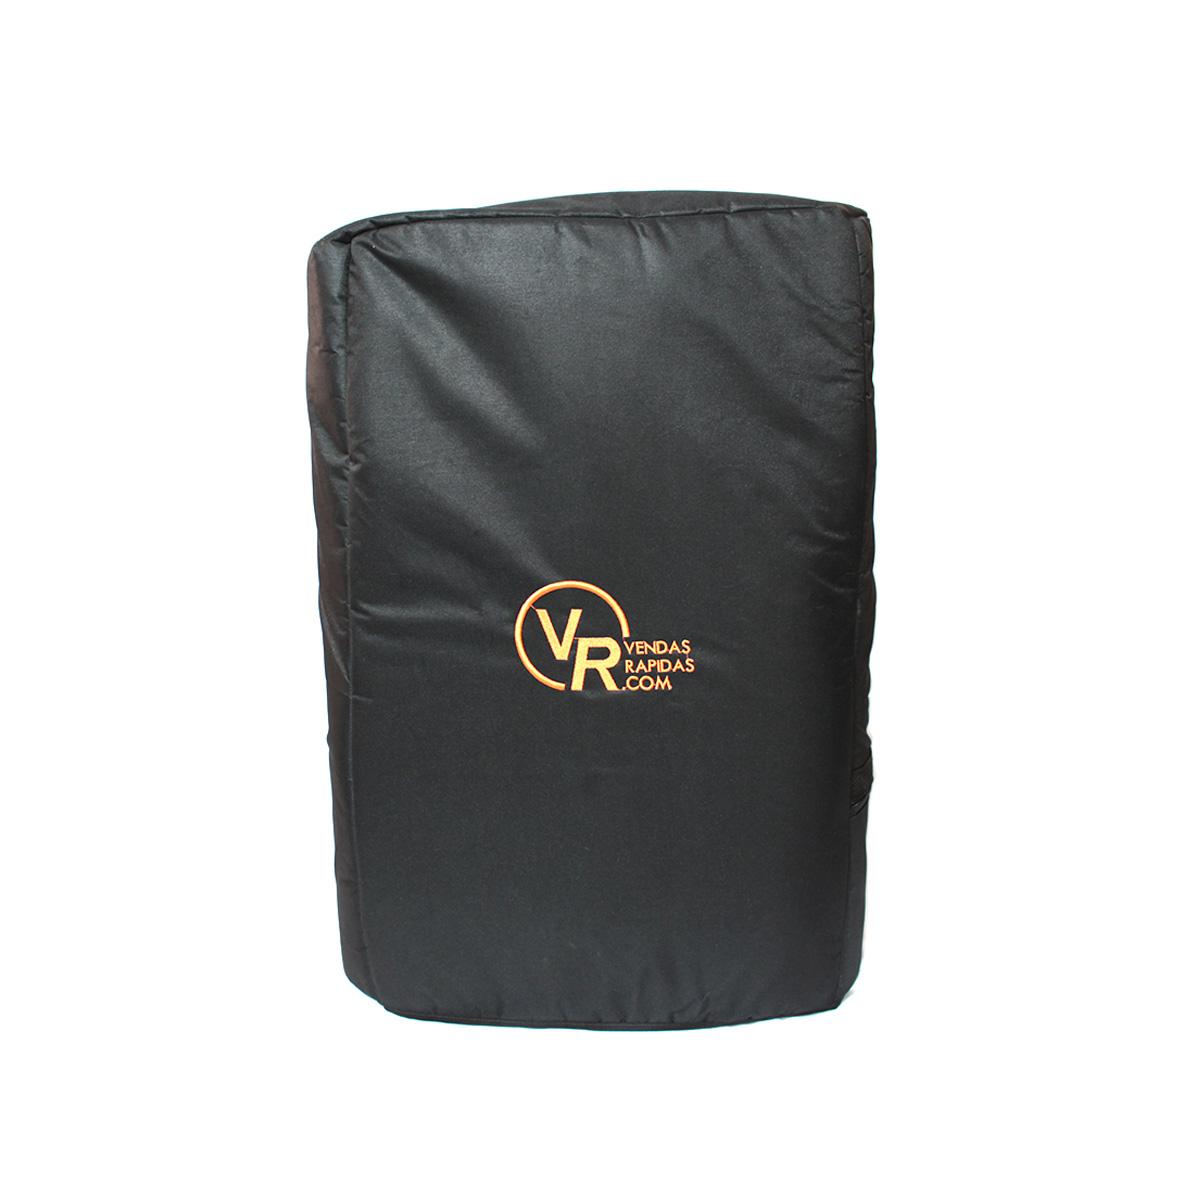 Capa de Proteção p/ a Caixa CSR 4000 - VR